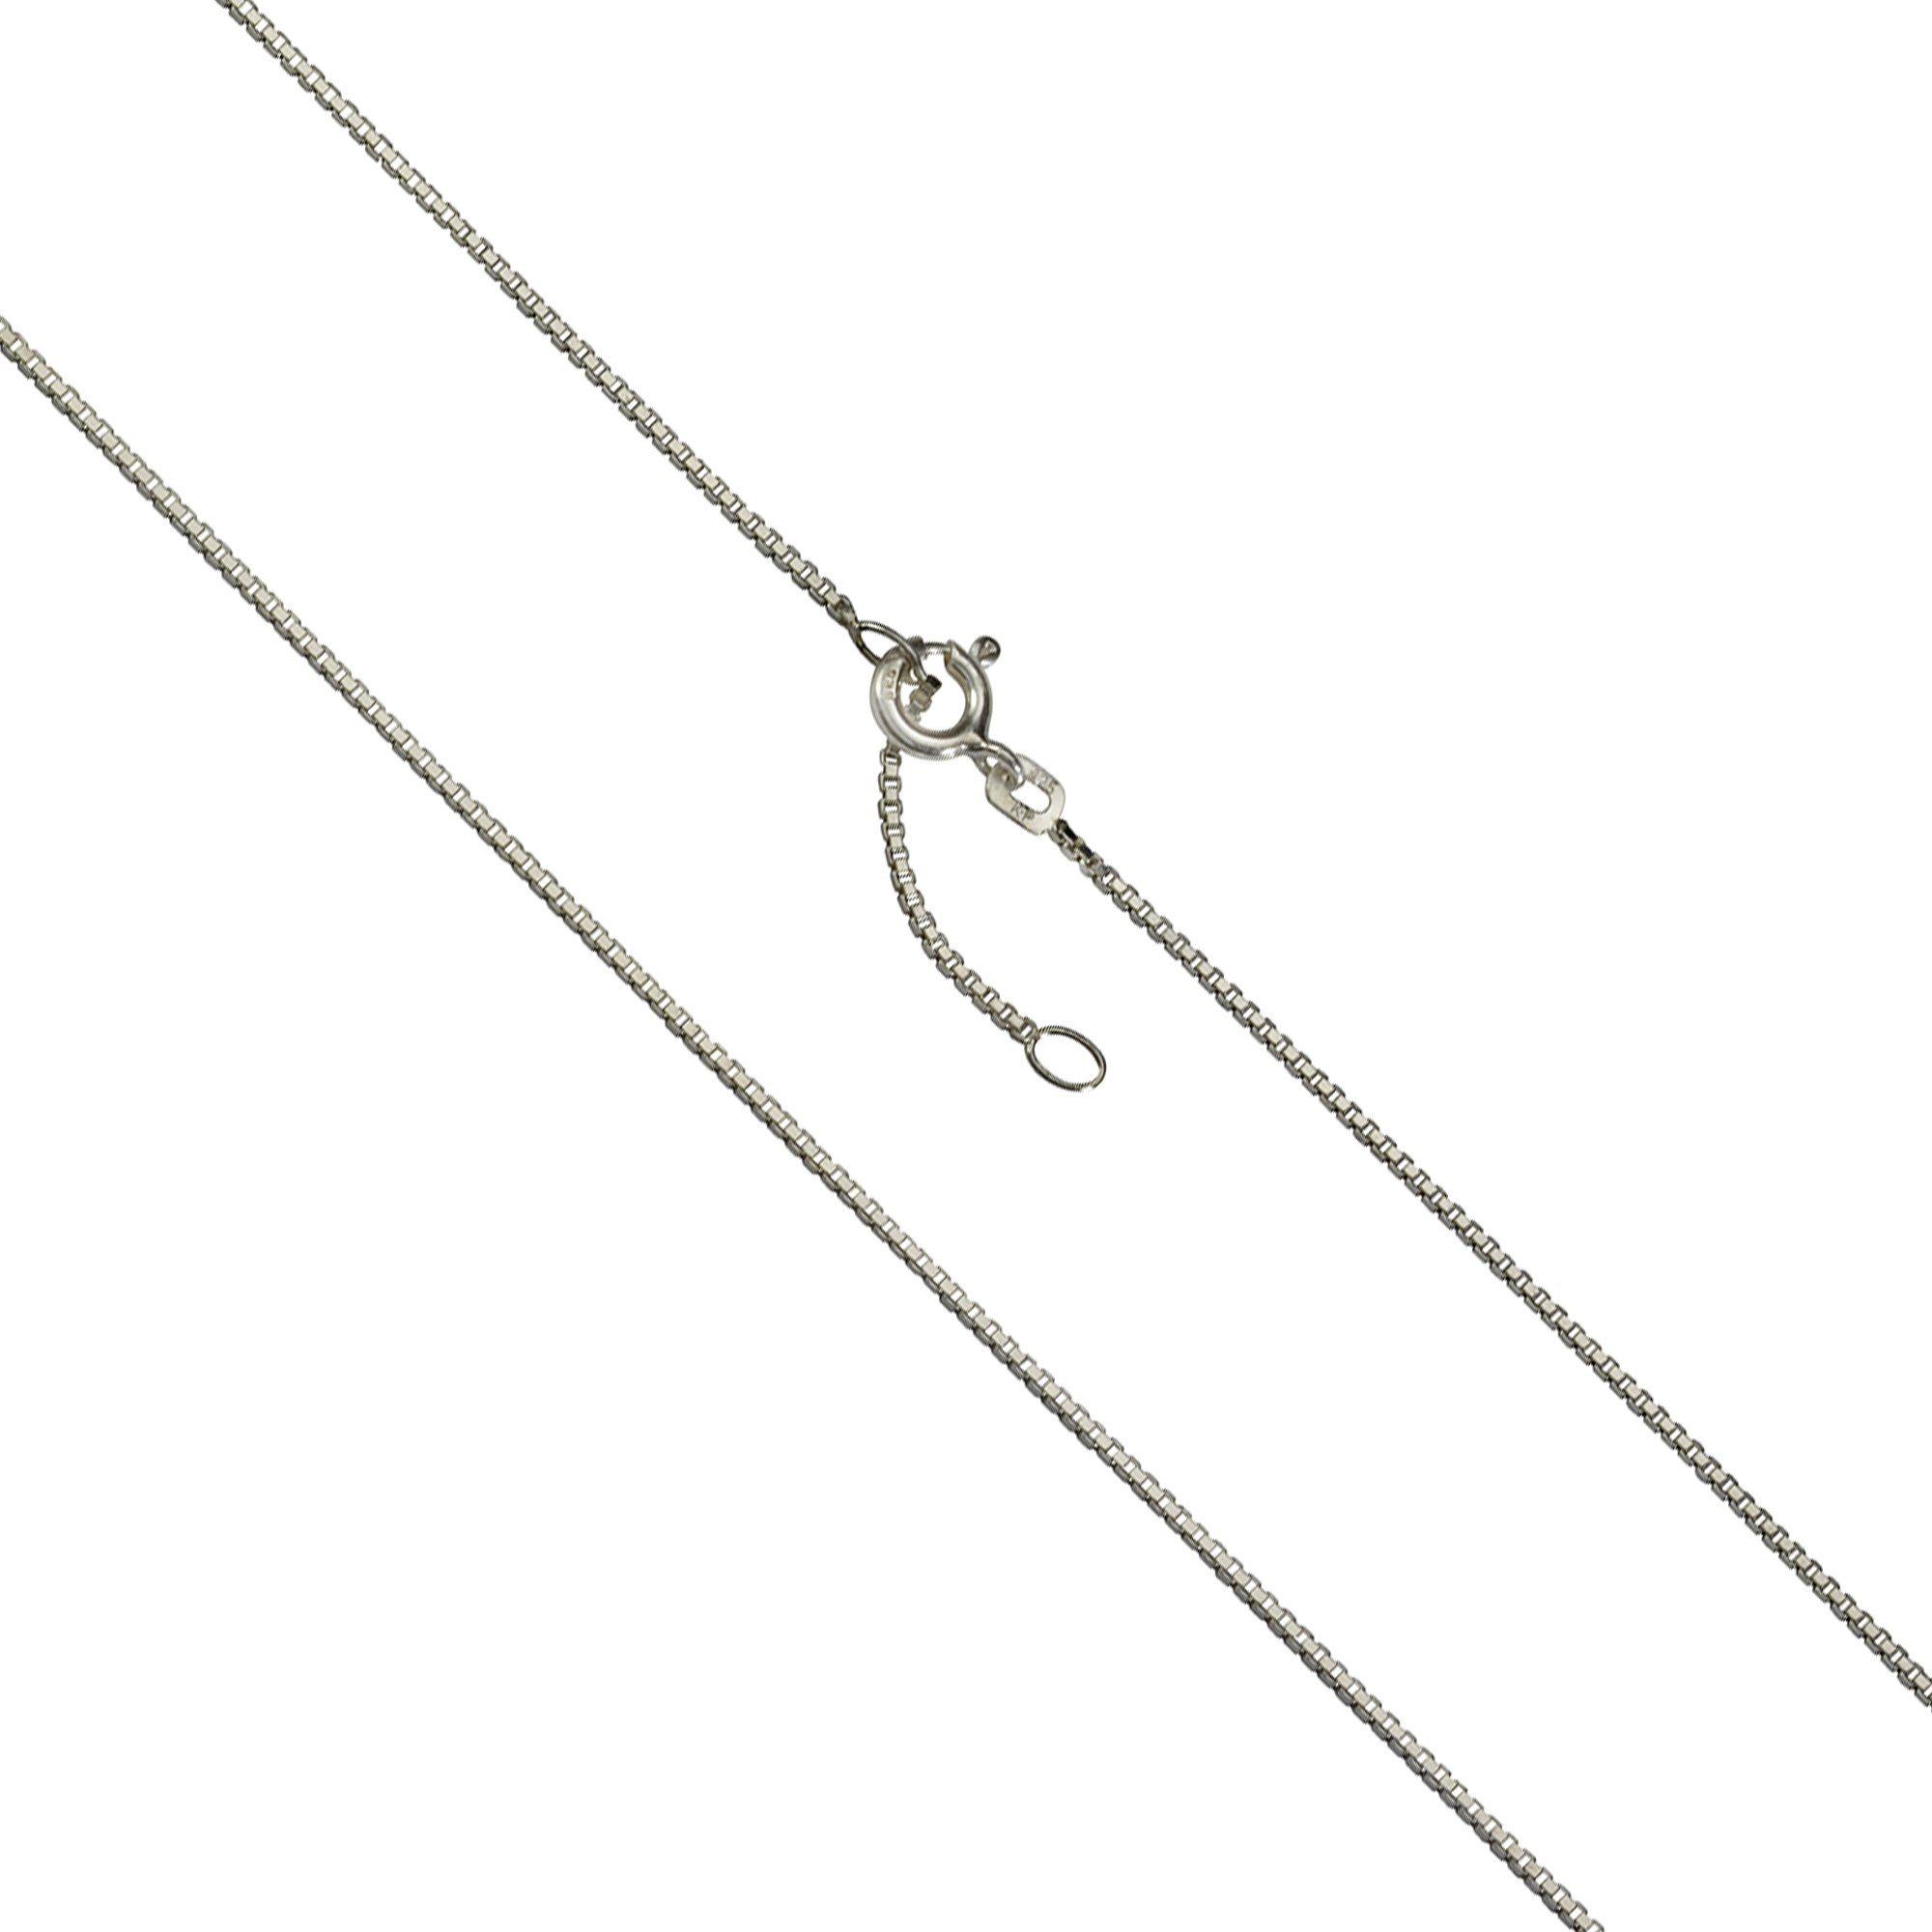 Firetti Collier »925/- Sterling Silber Veneziakette« | Schmuck > Halsketten > Silberketten | Silber | Firetti